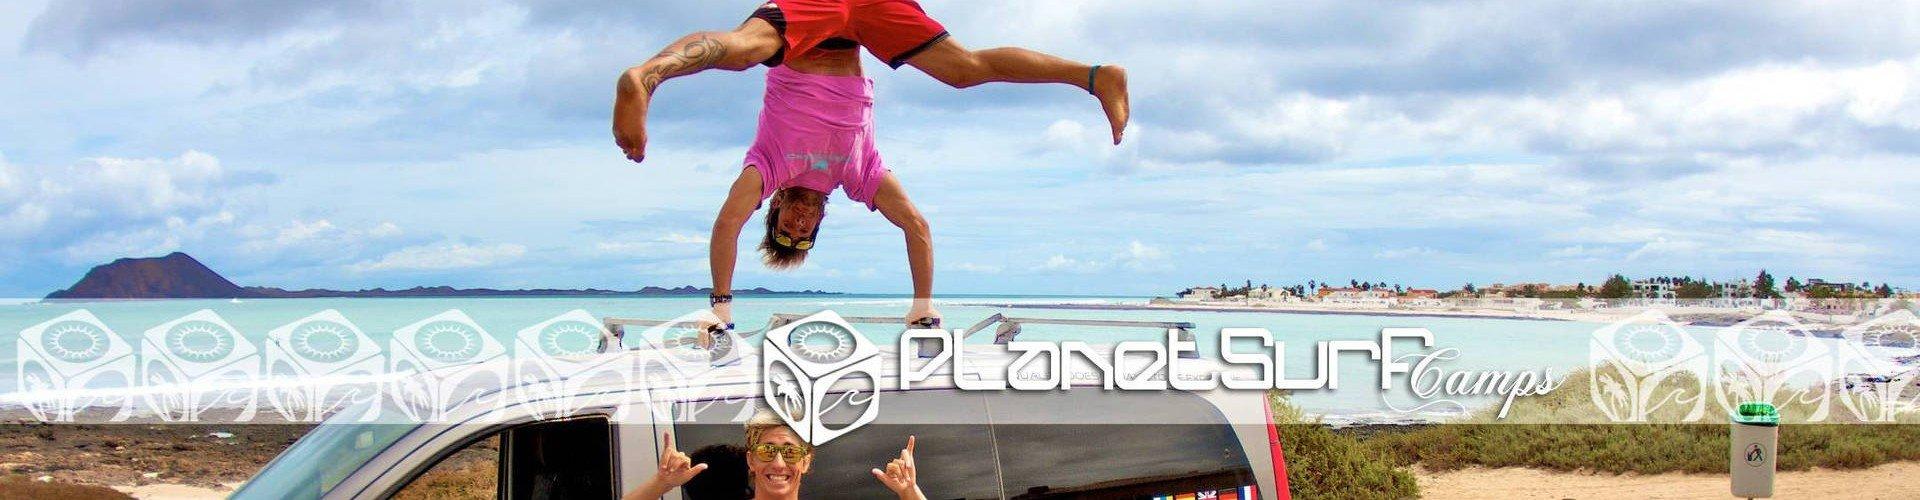 Planet Surf transport arrived at surf spot in Fuerteventura